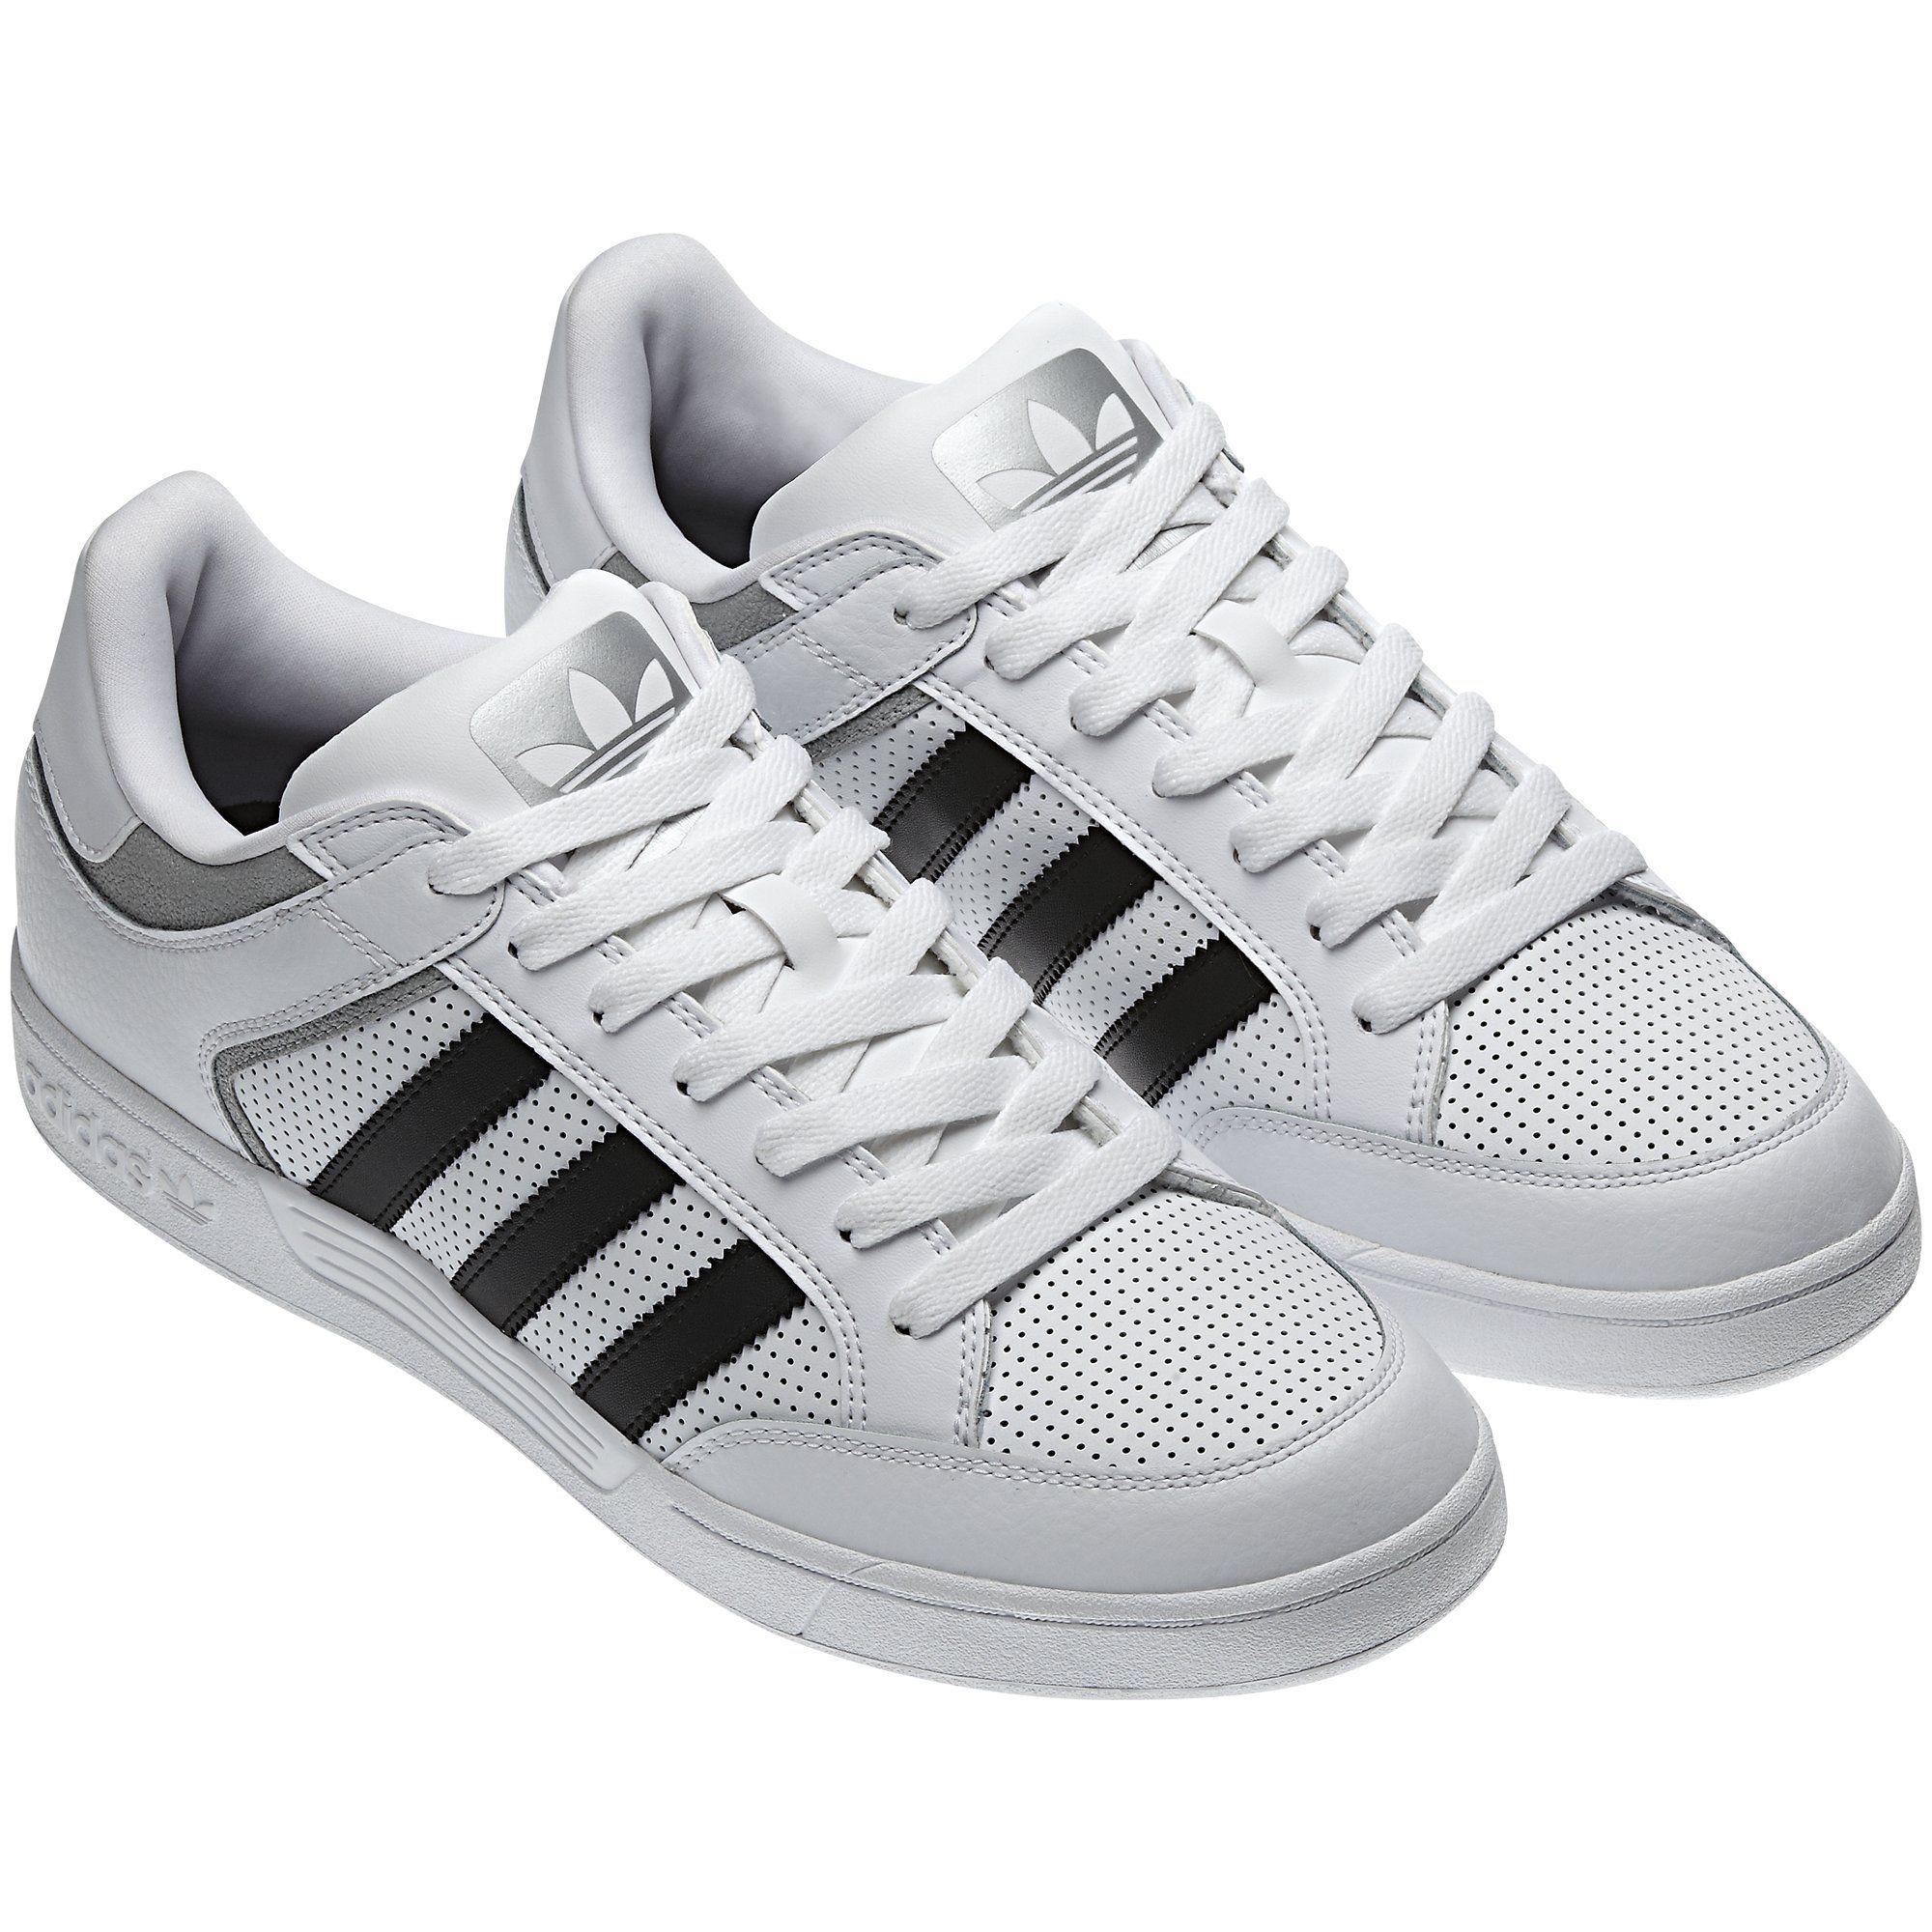 Men's Varial Low Shoes, Running White / Metallic Silver / Black